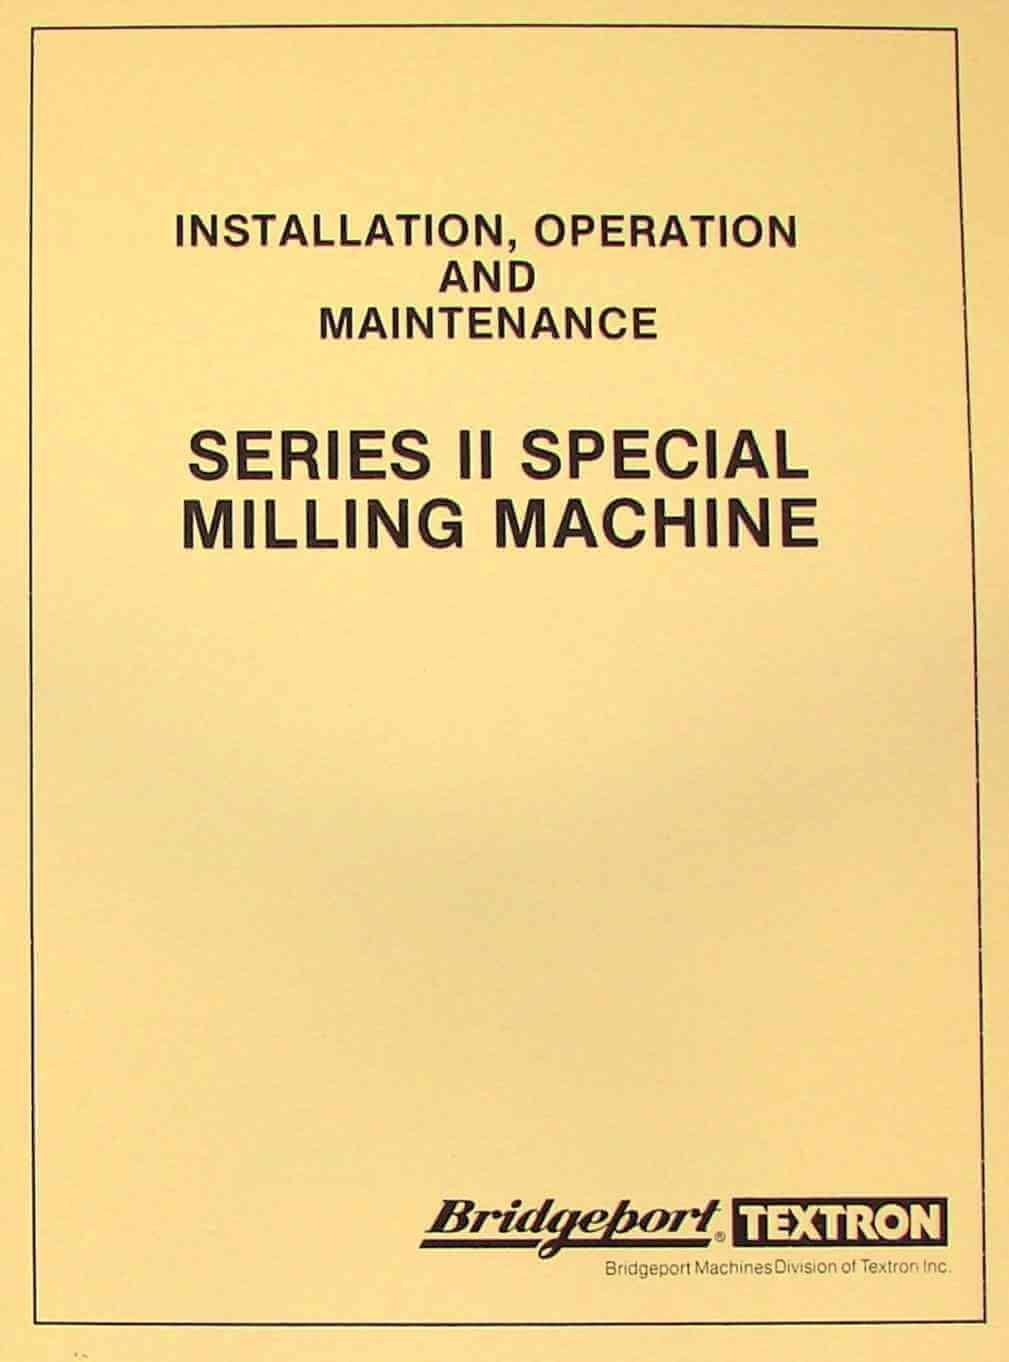 bridgeport wiring diagram bridgeport series ii special milling machine instructions parts  bridgeport series ii special milling